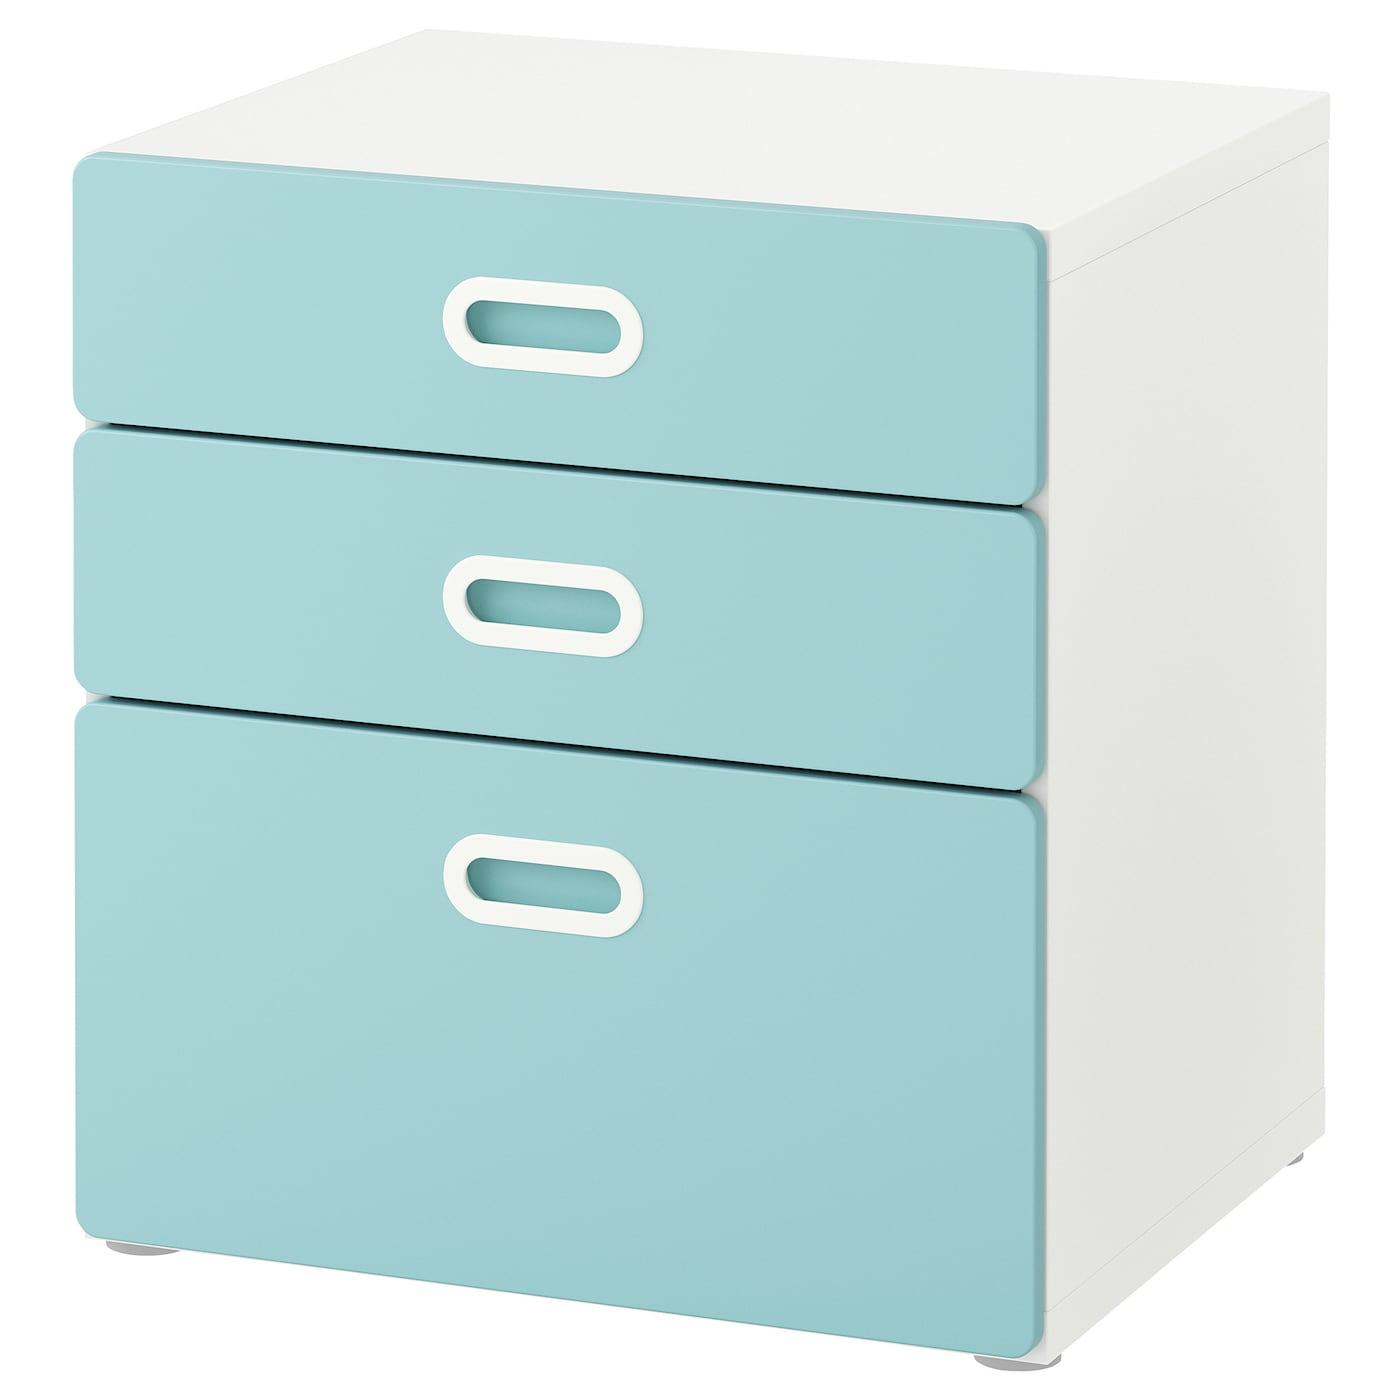 IKEA STUVA biała komoda z trzema jasnoniebieskimi szufladami FRITIDS, 60x64 cm